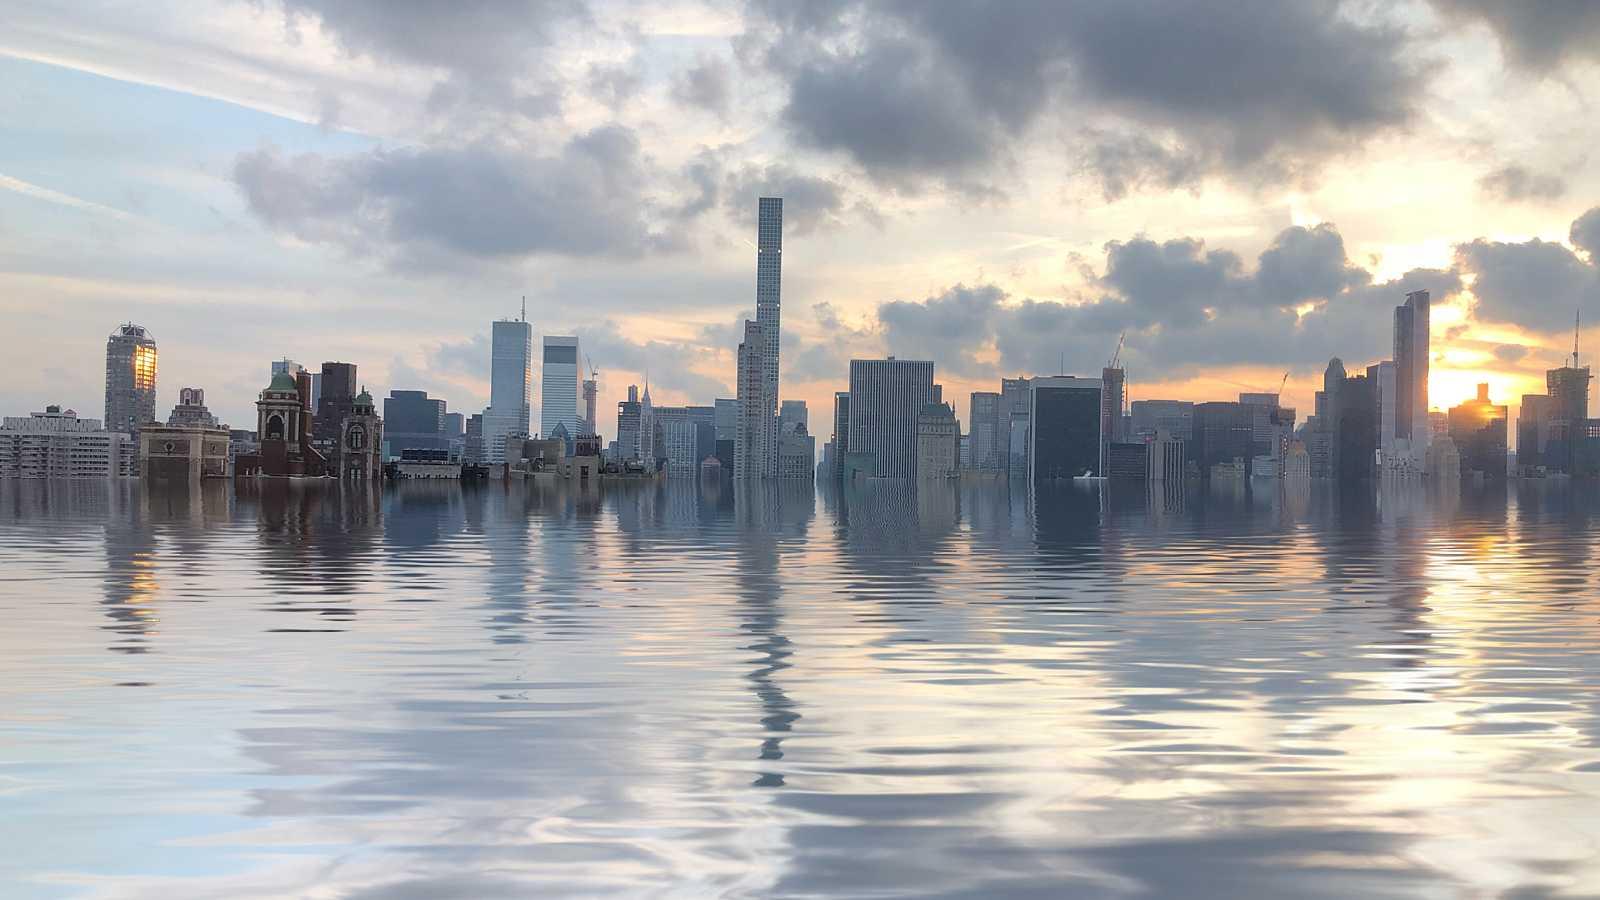 Las consecuencias delcambio climáticoen los océanos y en las regiones heladas del planeta son irreversibles y la humanidad debe estar preparada para afrontarlas, advierten los científicos. El informe de los expertos climáticos de la ONU (IPCC) hech